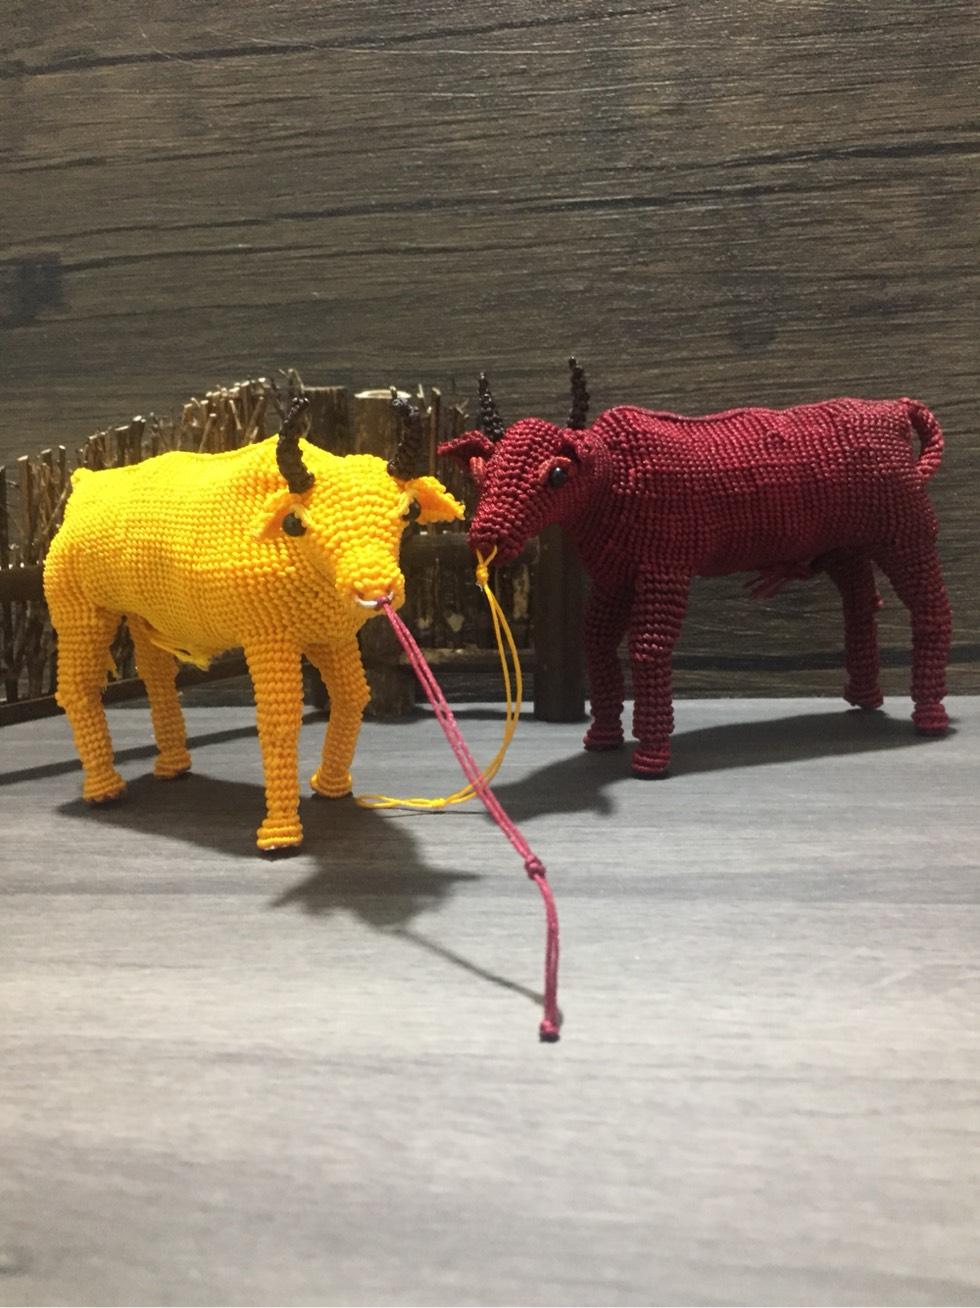 中国结论坛 二月二  牛抬头 宝宝不会抬头,抬头显示,牛用力抬头是什么病,牛不抬头,牛的头部 作品展示 184744wf30ghz6dq6lfo56